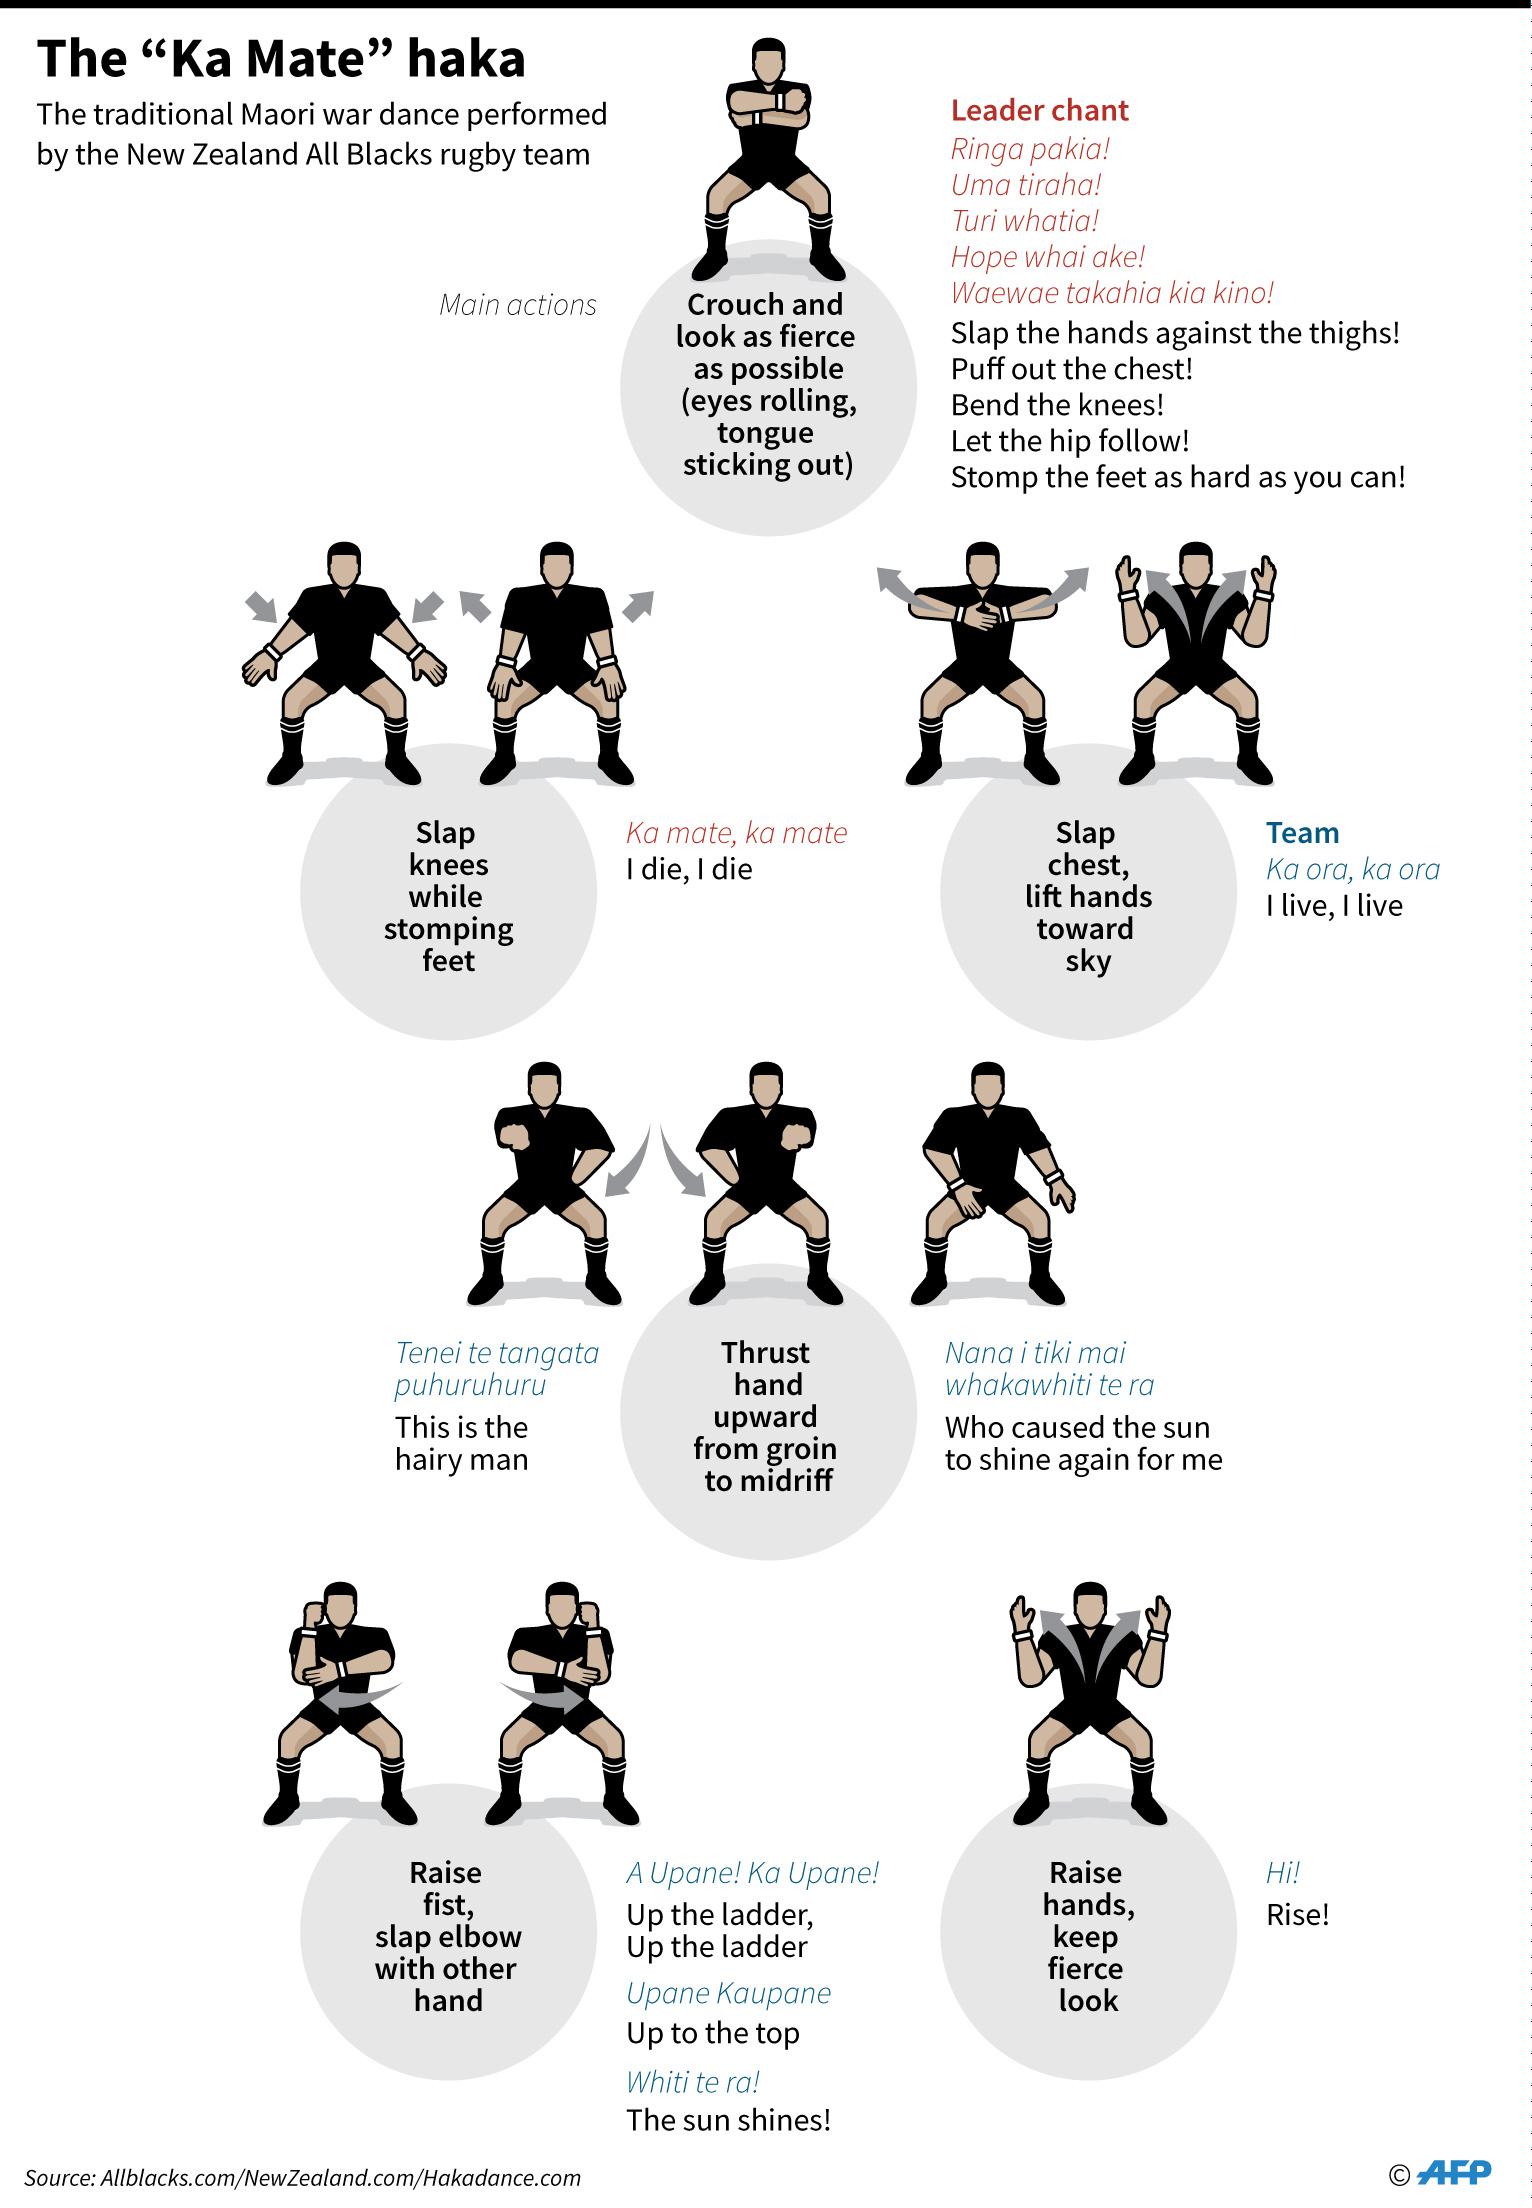 【動く図解】マオリの民族舞踊「ハカ」、オールブラックスの儀式で有名